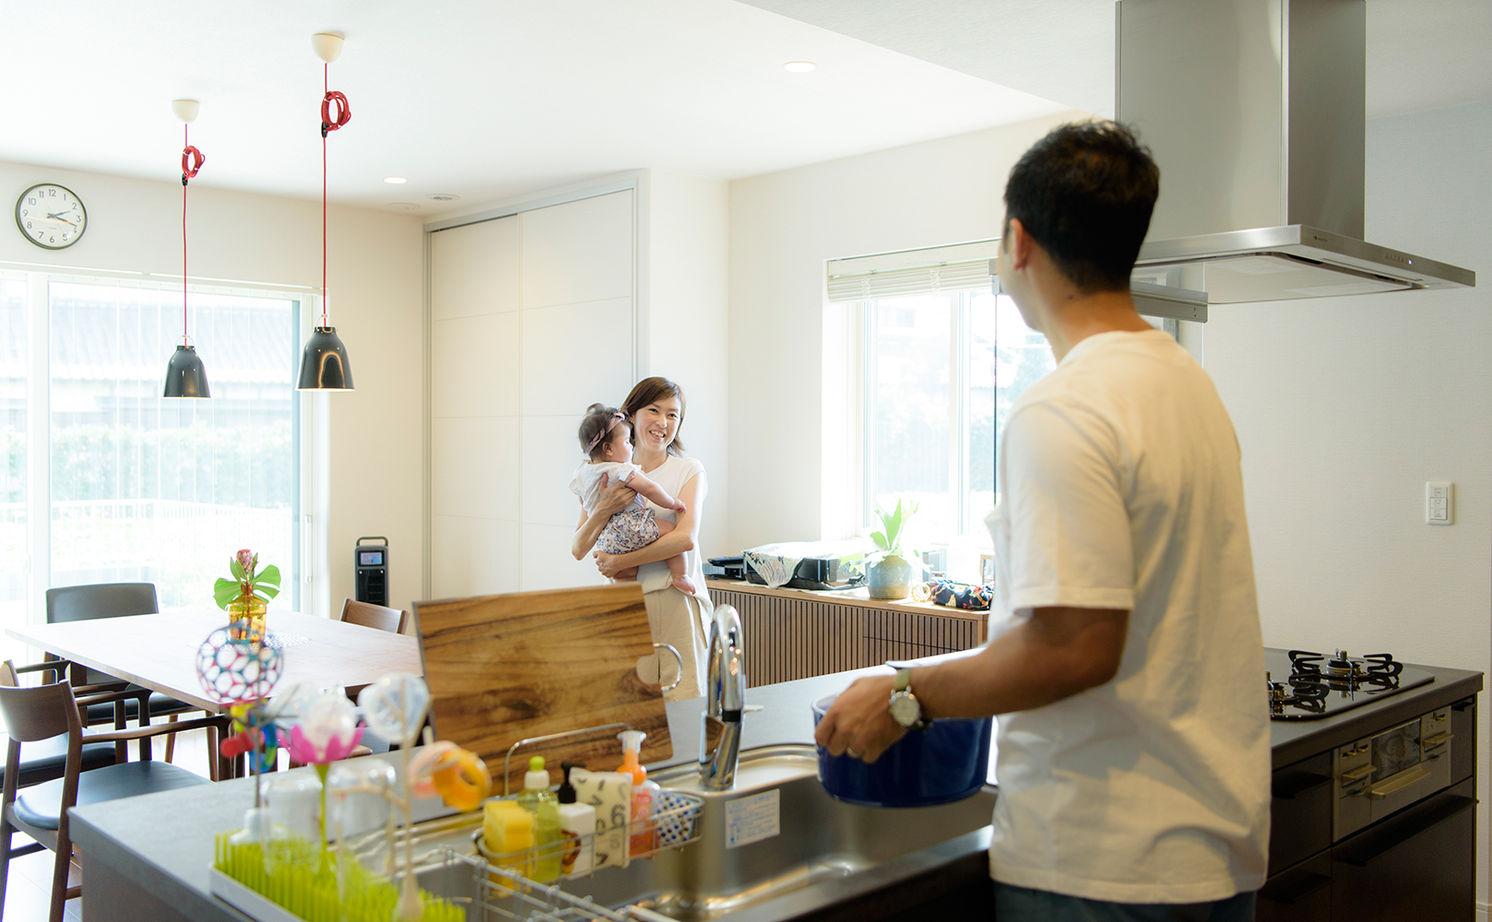 共働き夫婦の家事と子育てをスムーズに。インテリアも動線もこだわった、庭とつながり、家族とつながる平屋画像2